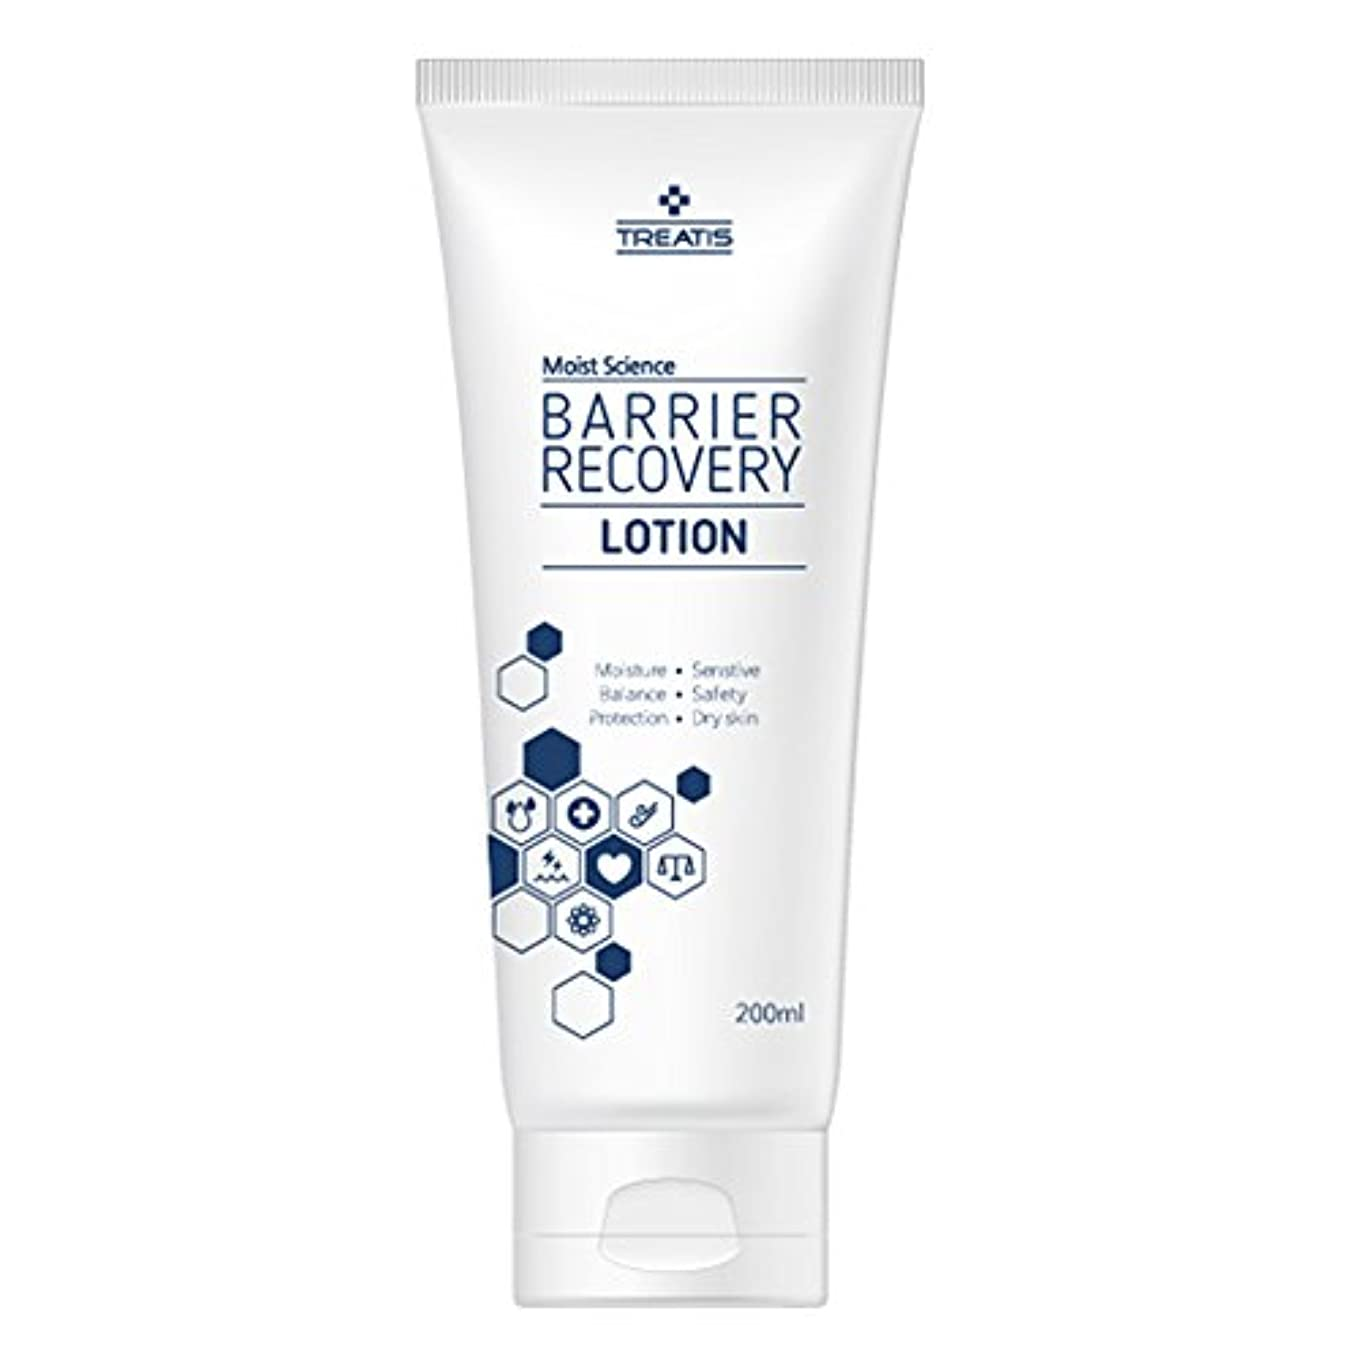 冷酷な有益不利益Treatis barrier recovery lotion 7oz (200ml)/Moisture, Senstive, Balance, Safty, Protection, Dry skin [並行輸入品]